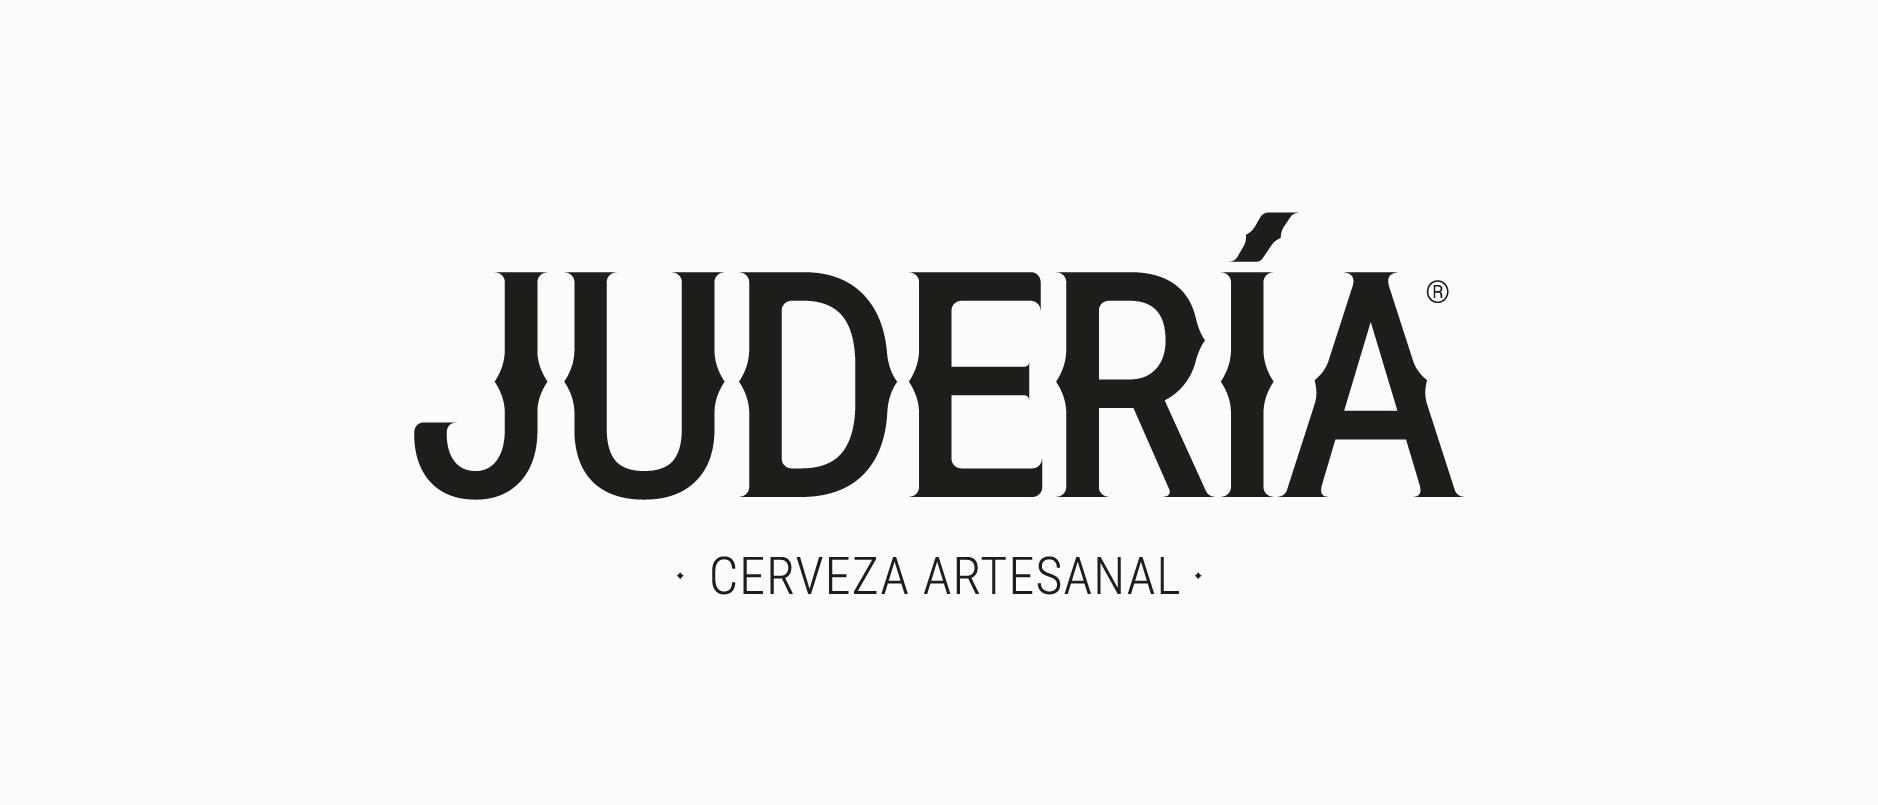 Diseño de Logotipo Judería Cerveza Artesanal - tabarestabares